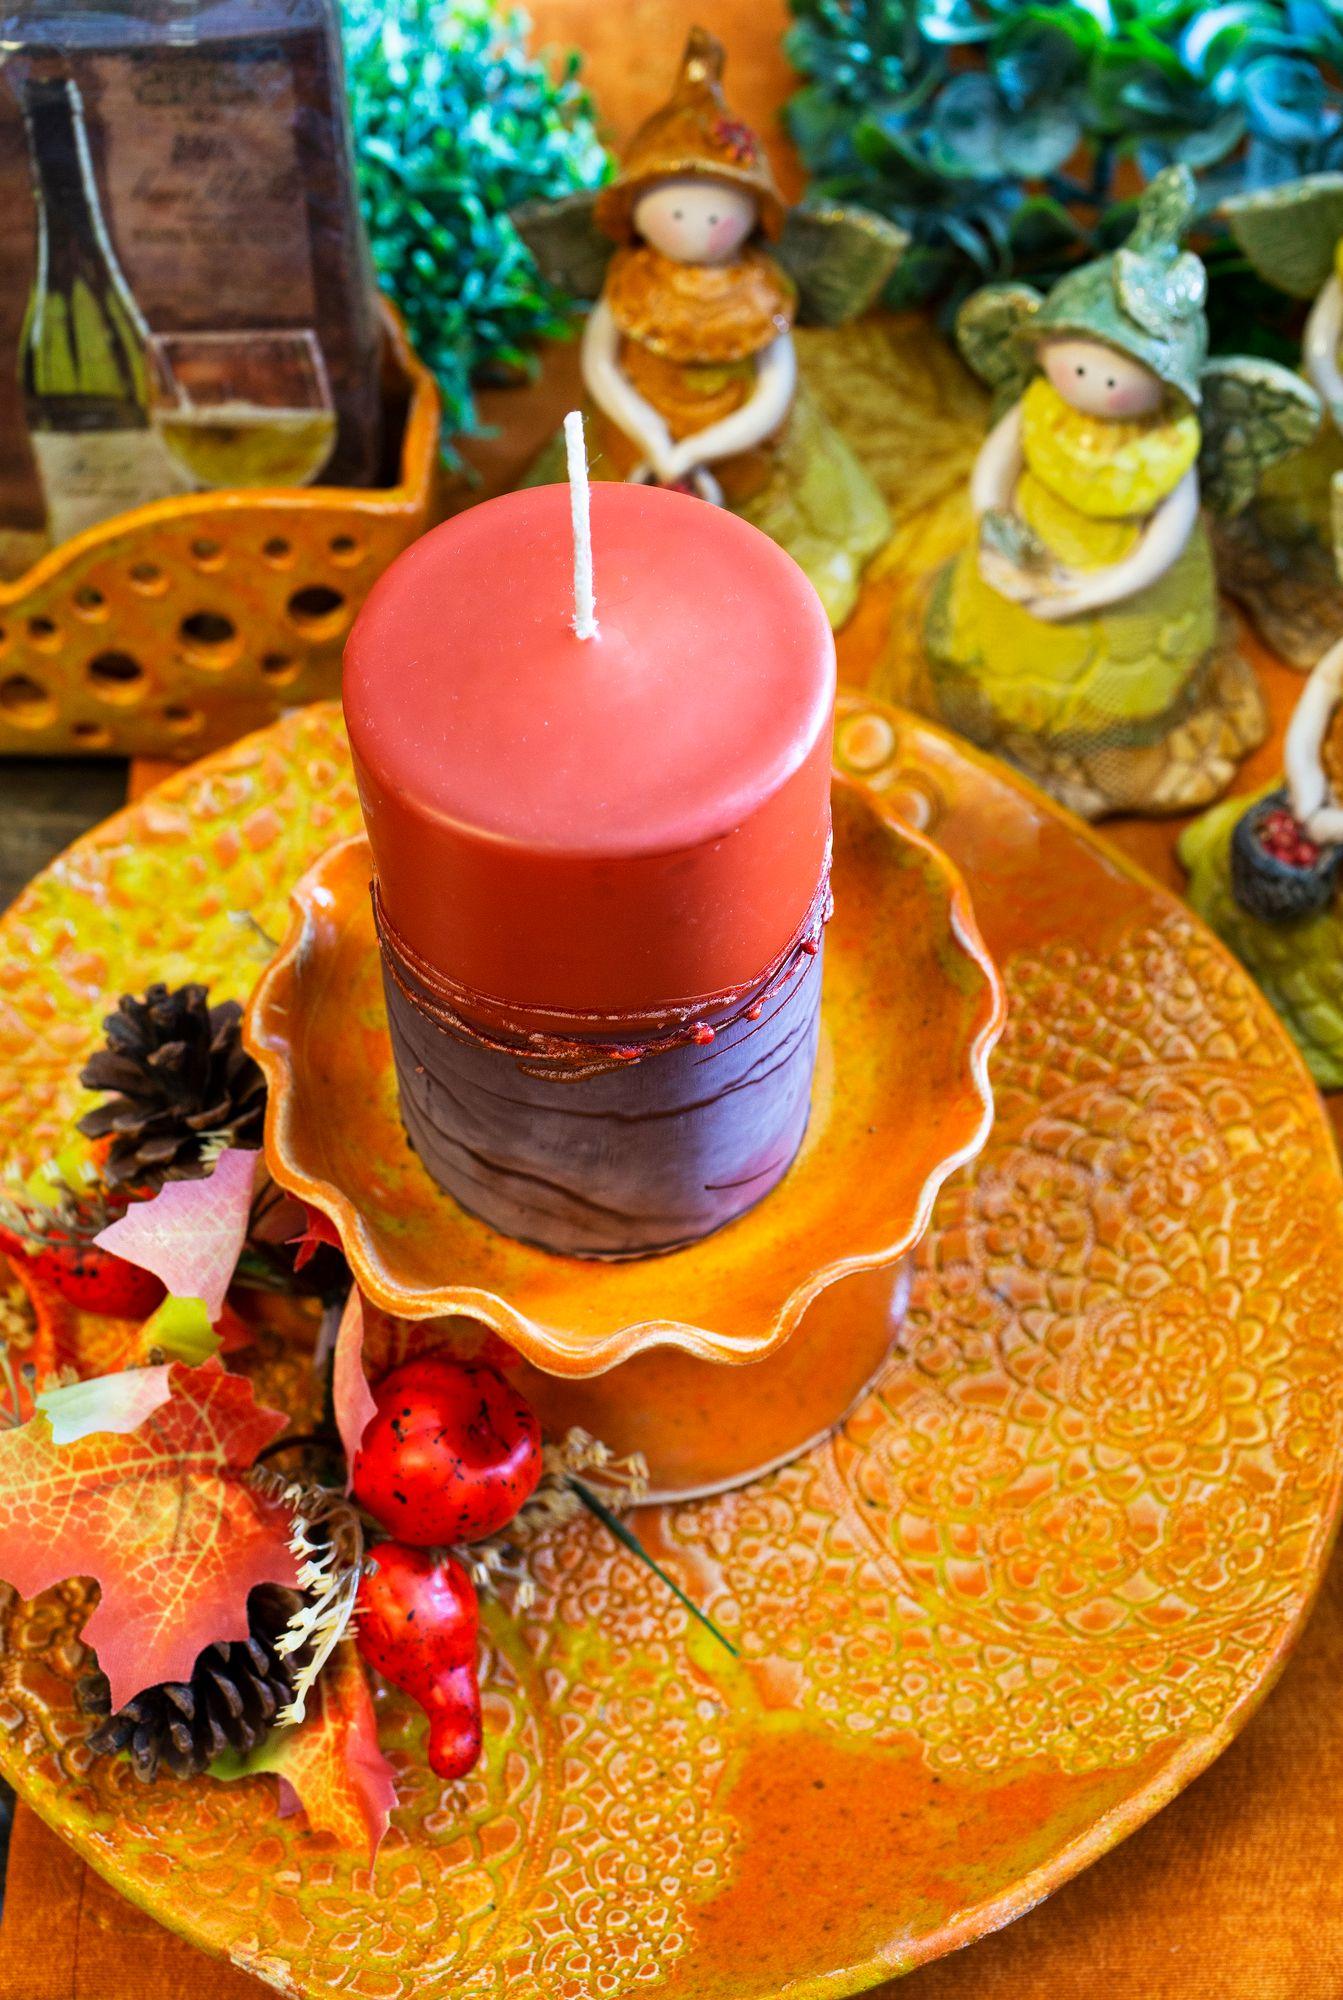 Syksyn värit saavat näkyä kaikessa, niin Susannan valamissa kynttilöissä kuin keramiikkatöissäkin. © Tiiu Kaitalo